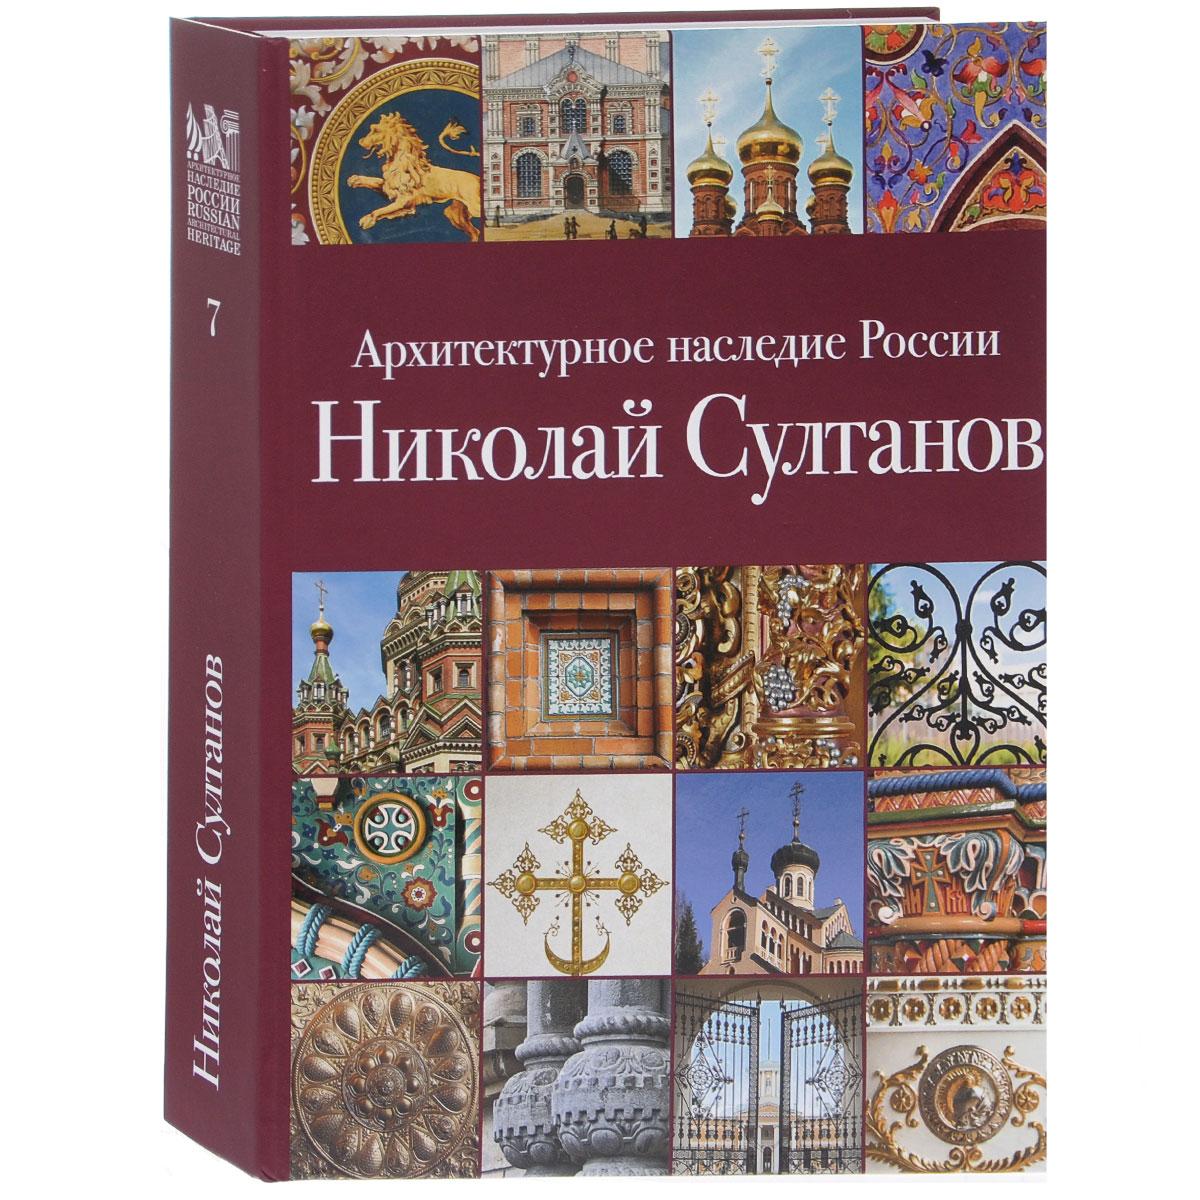 Ю. Р. Савельев Николай Султанов